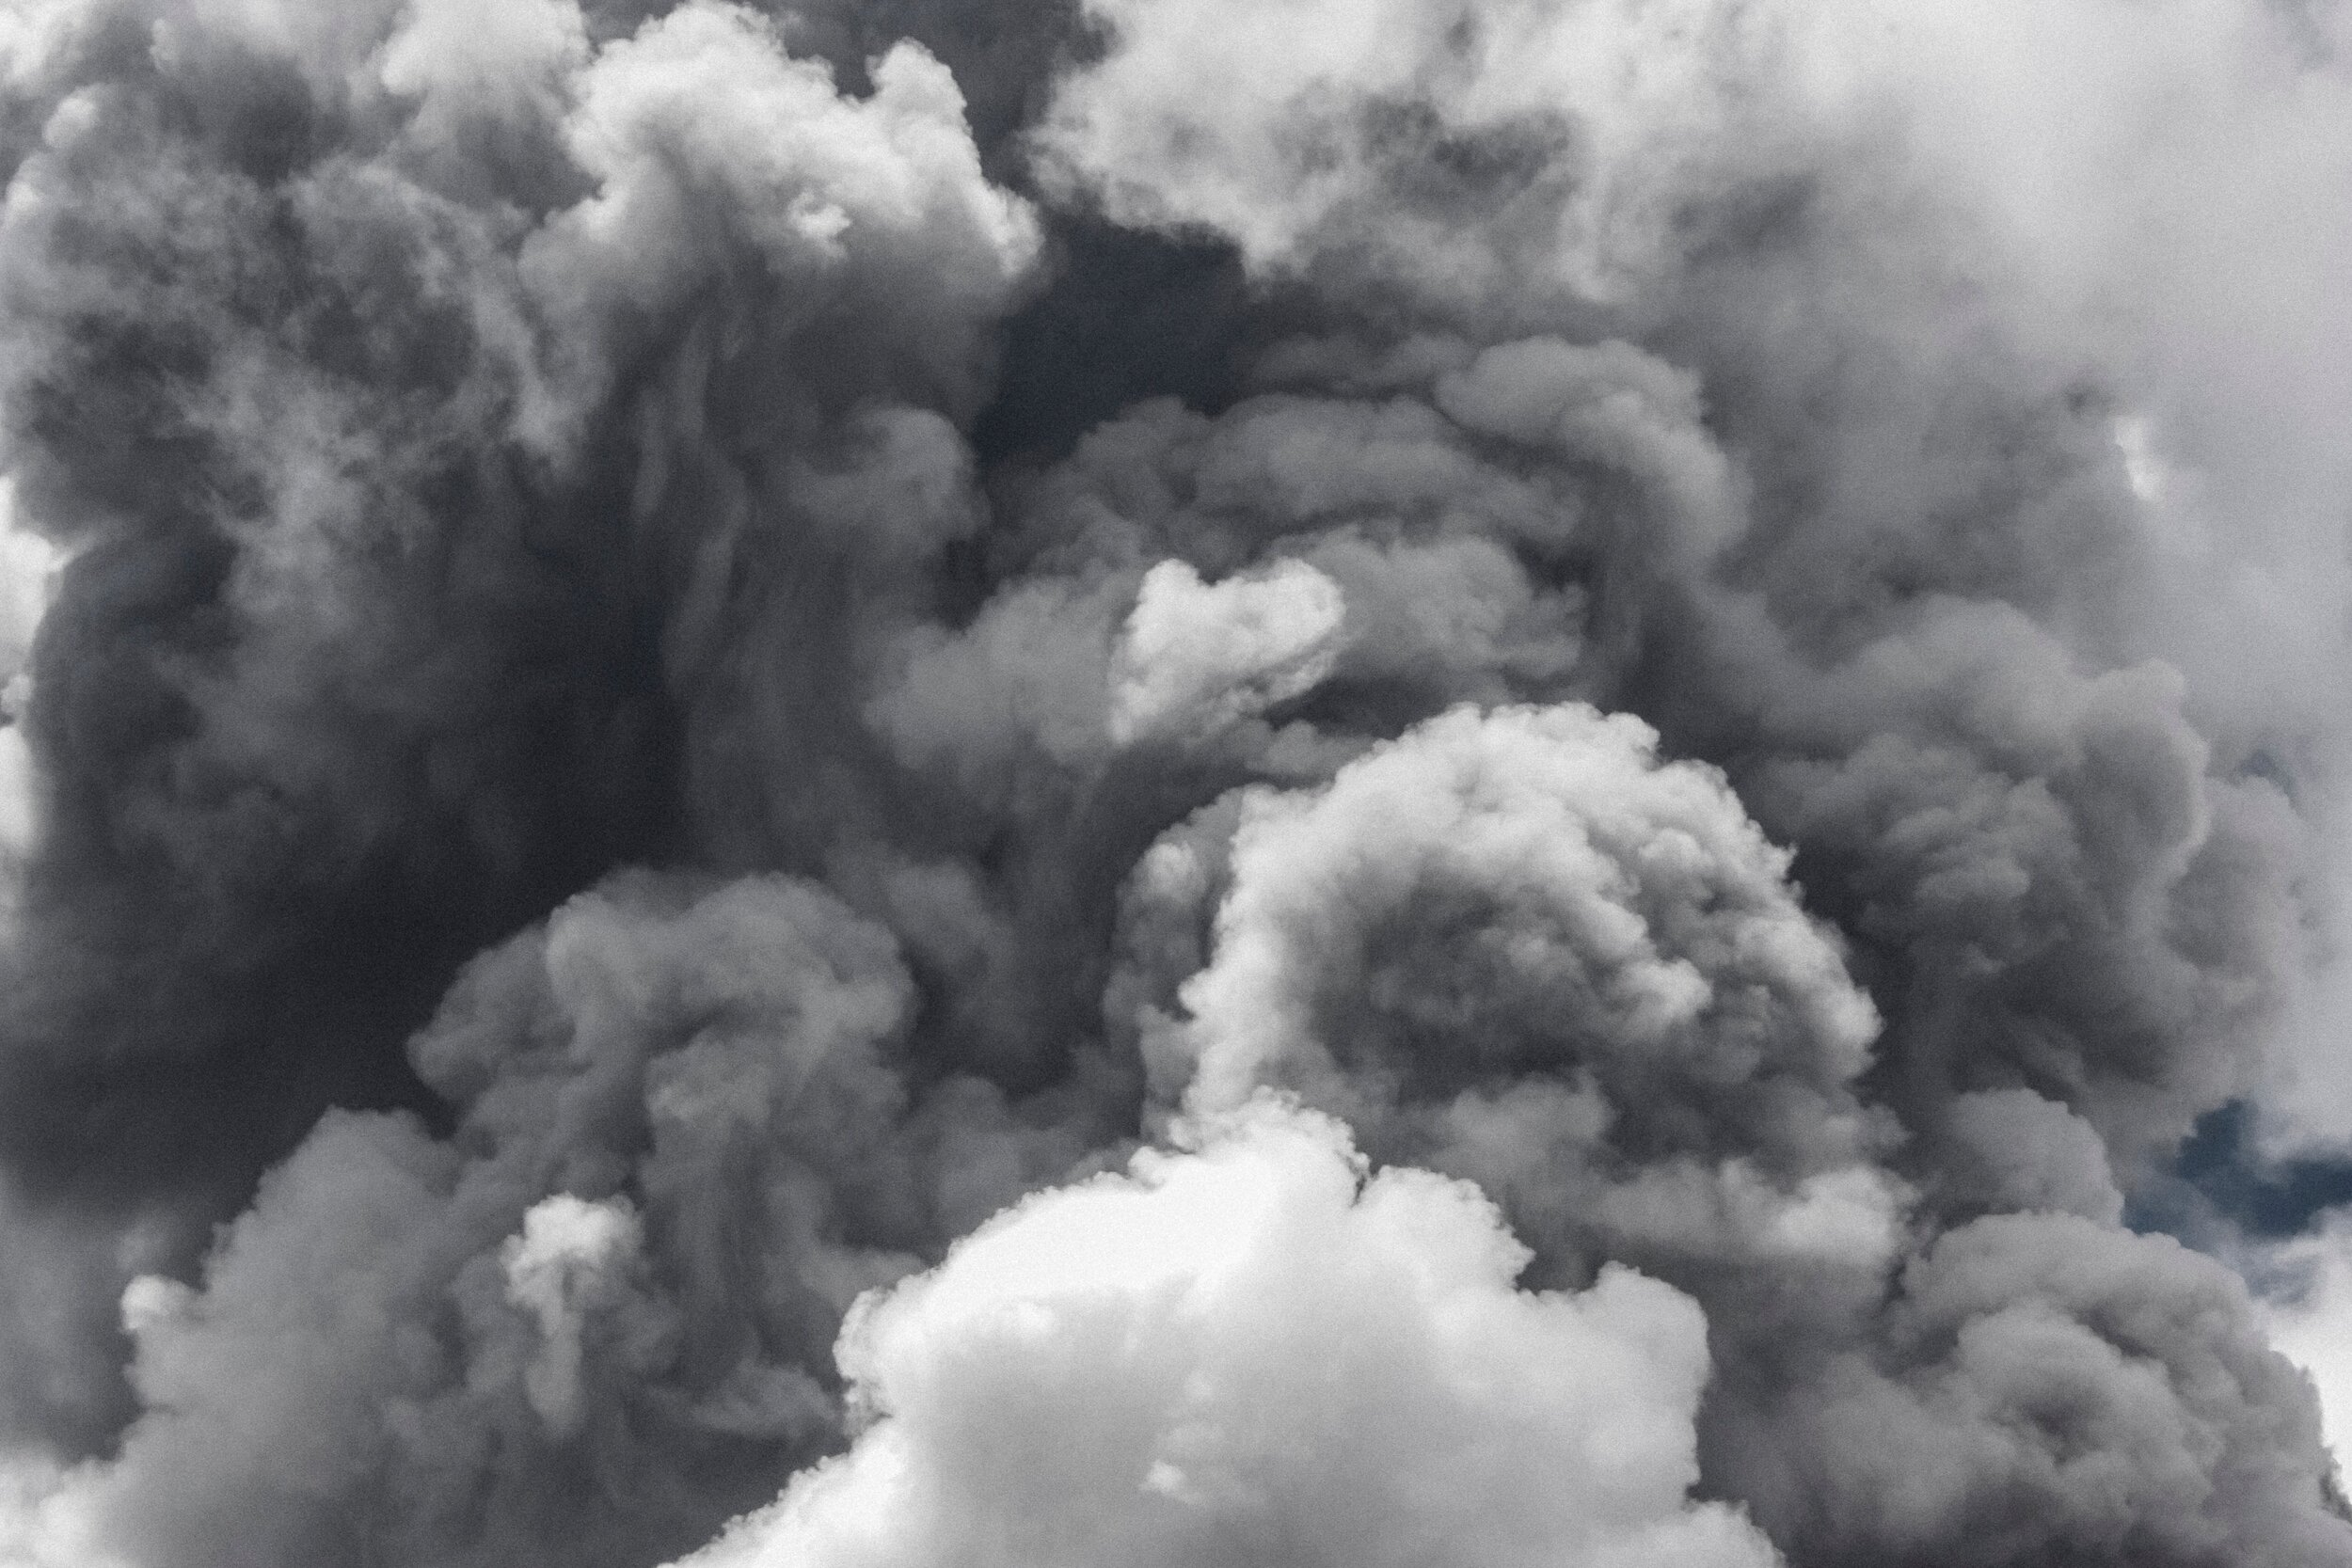 Bushfire smoke safety